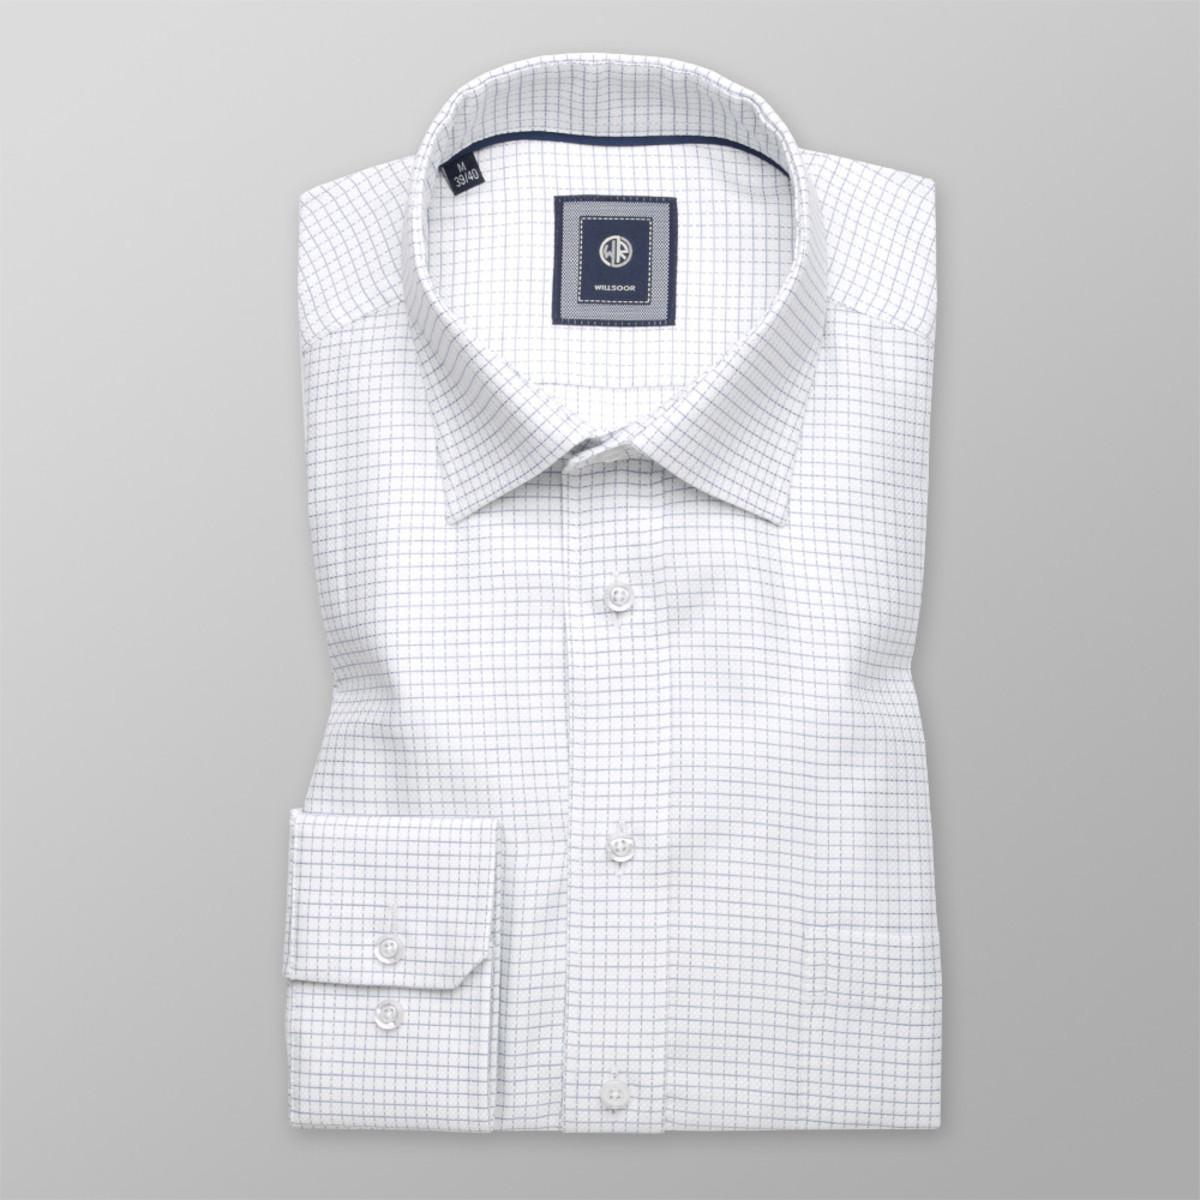 Košile London s jemným vzorem (výška 176-182) 10207 176-182 / L (41/42)